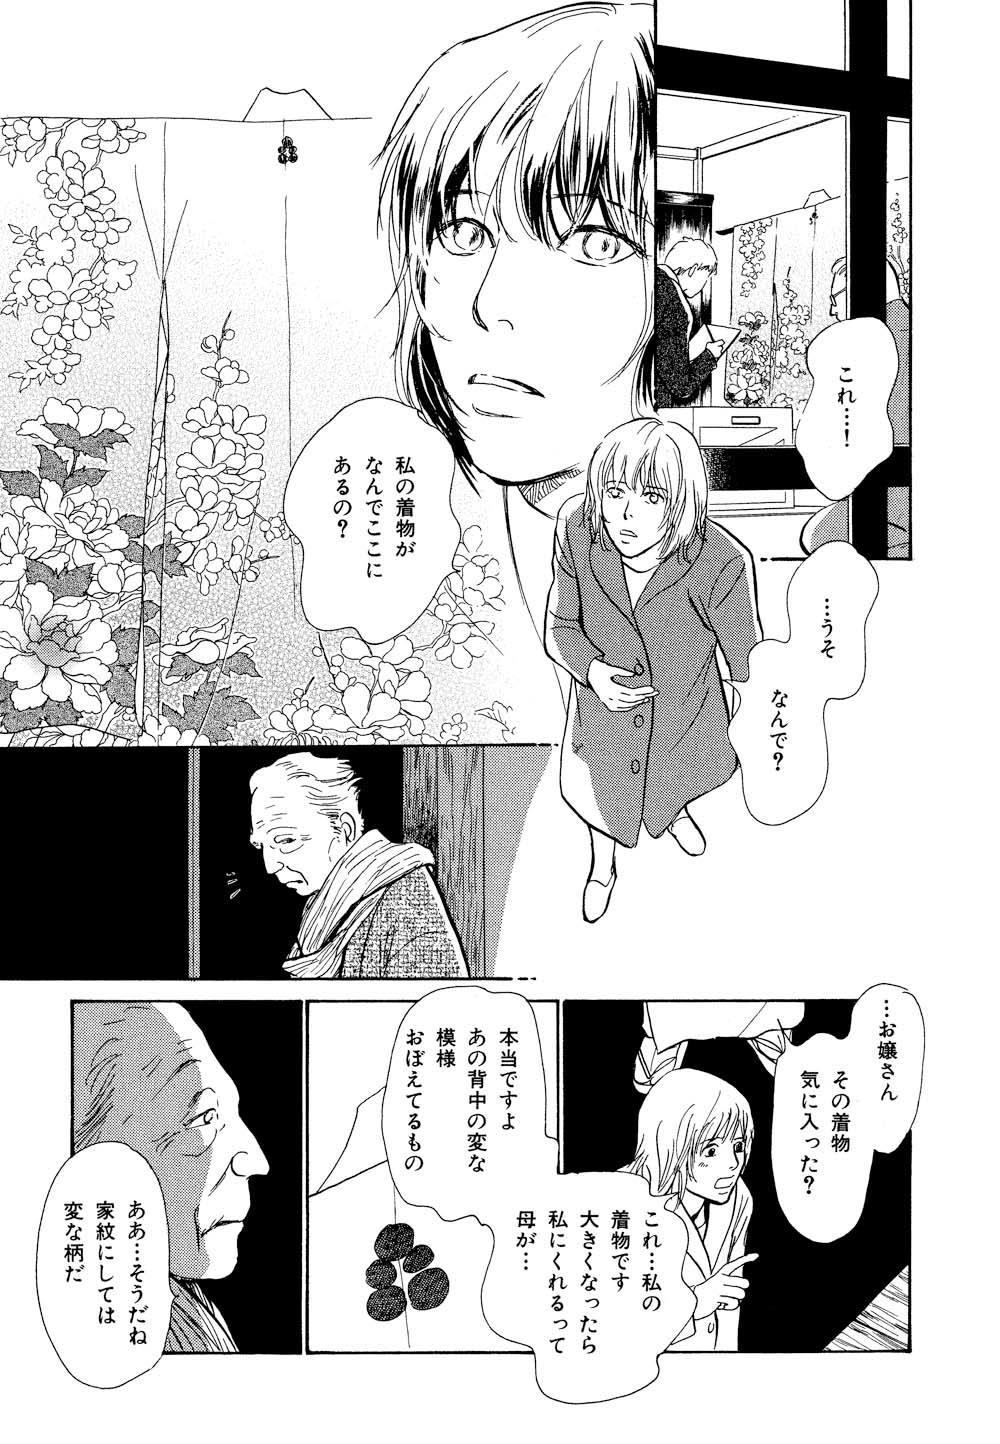 百鬼夜行抄_13_0077.jpg